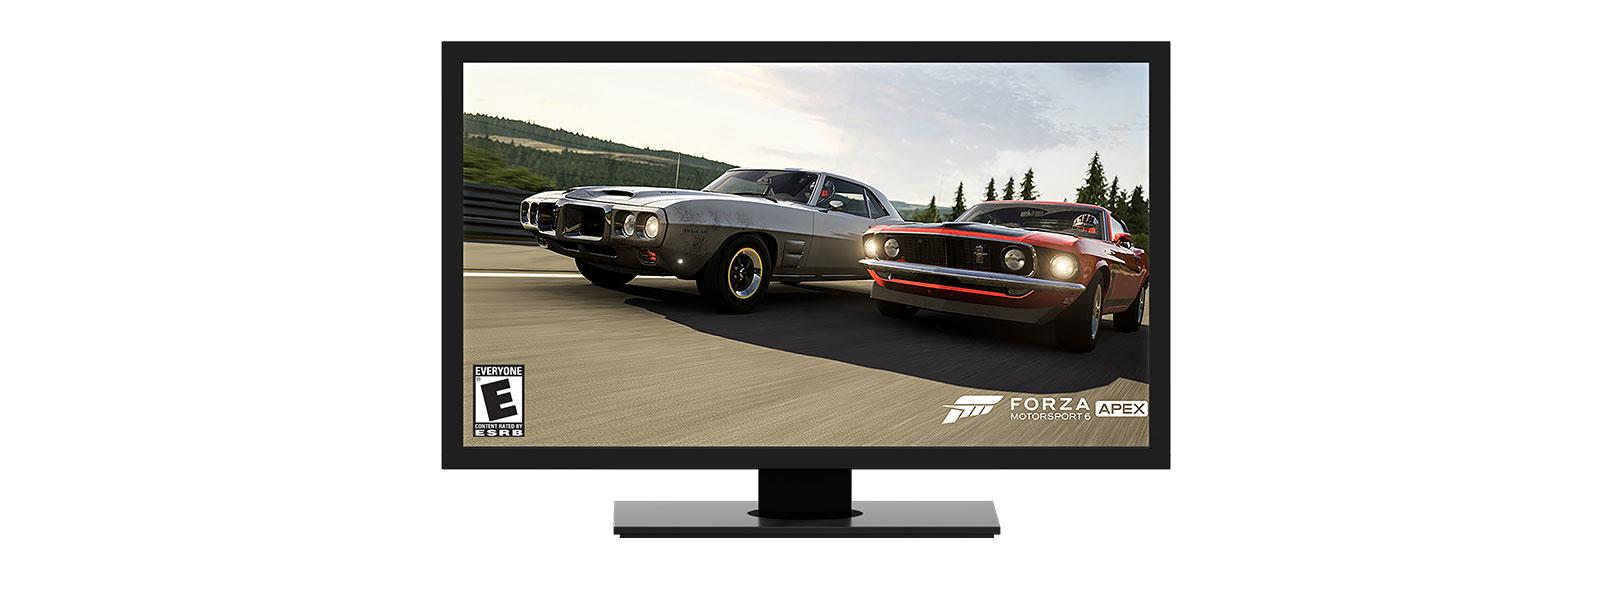 Windows 桌面上的《极限竞速》(Forza) 游戏